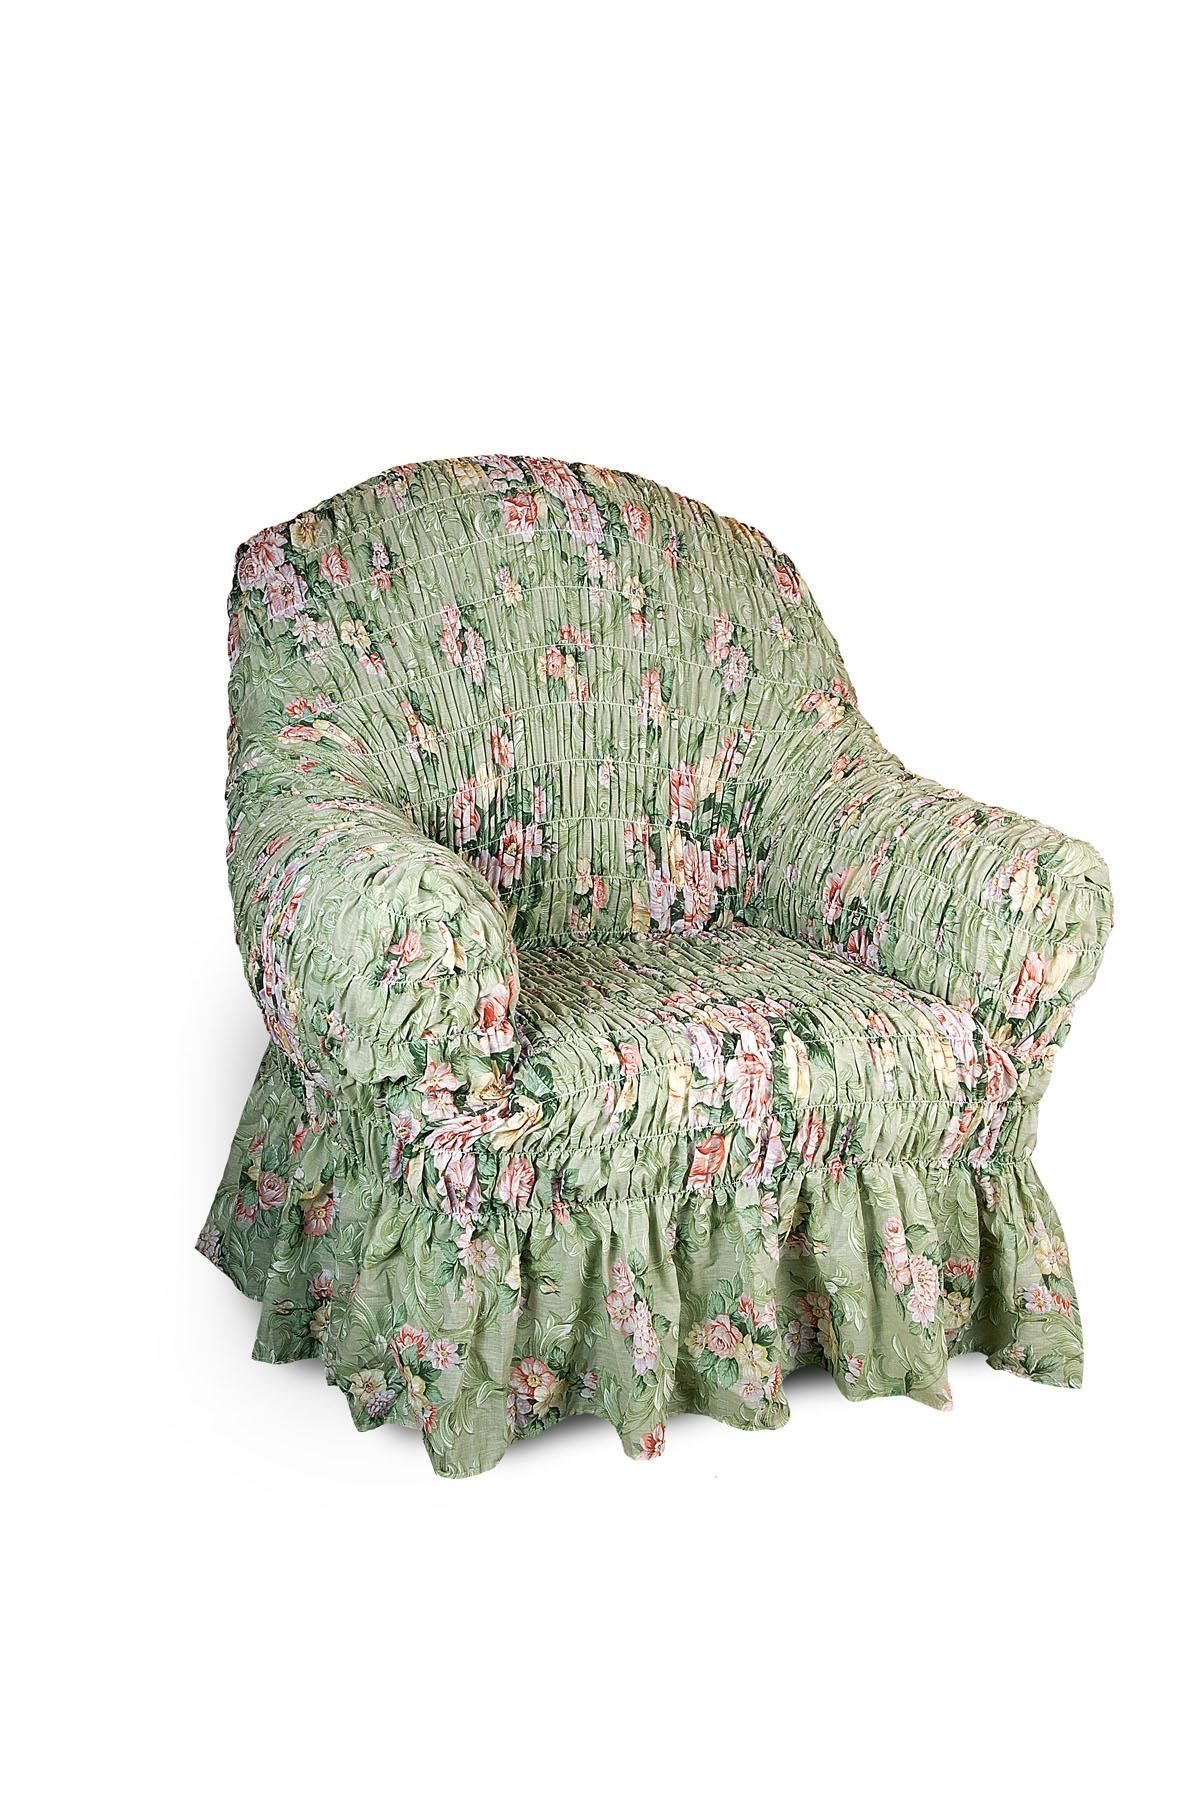 Чехол на кресло Еврочехол «Фантазия. Феличита», 60-100 см  диван кровать спальное место 160